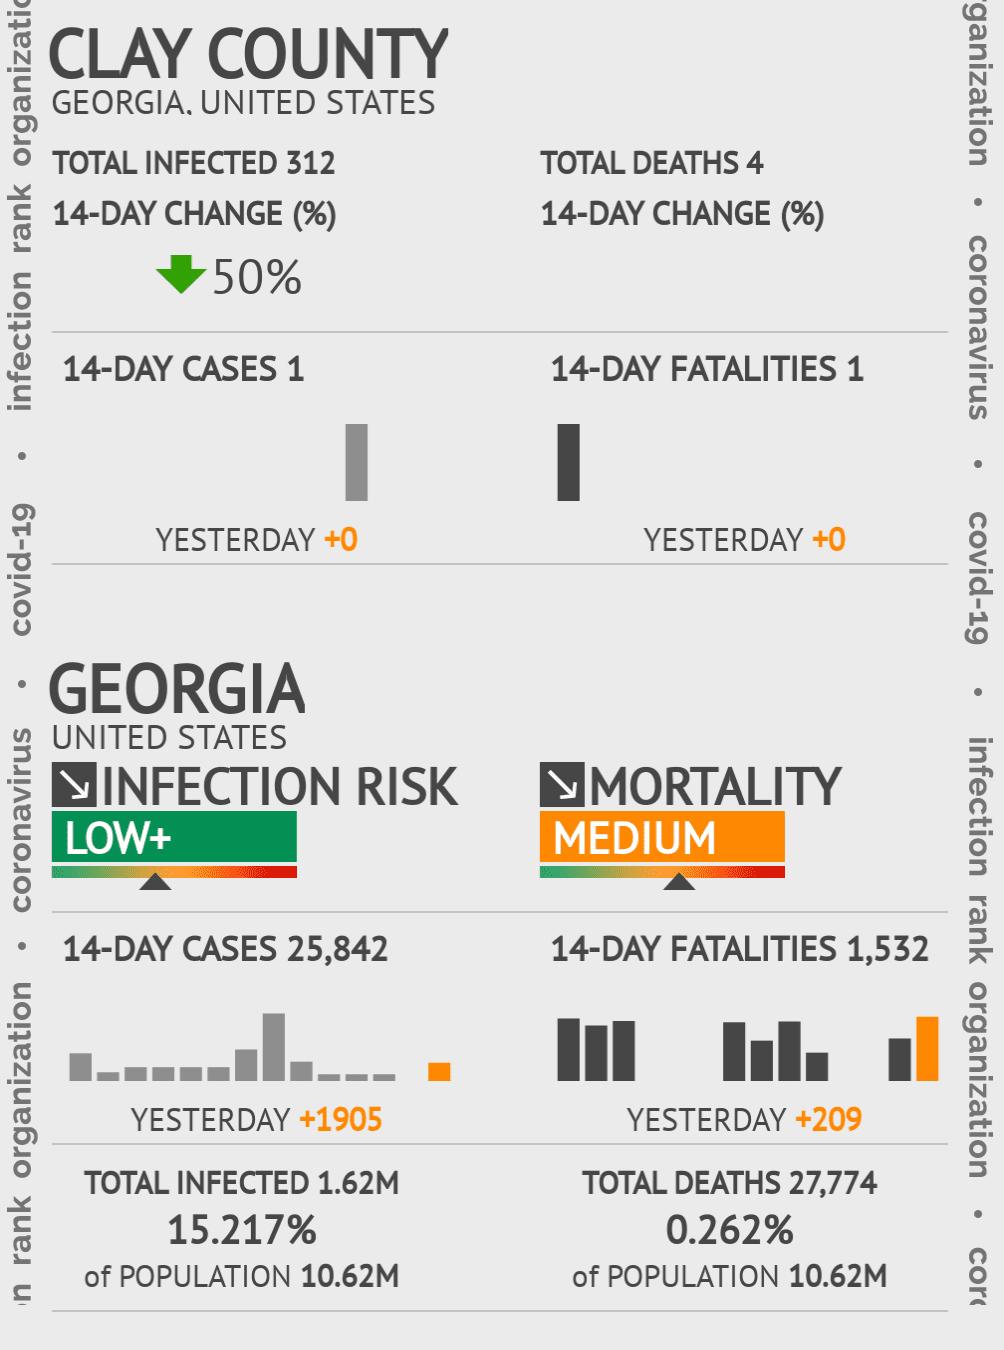 Clay County Coronavirus Covid-19 Risk of Infection on November 27, 2020